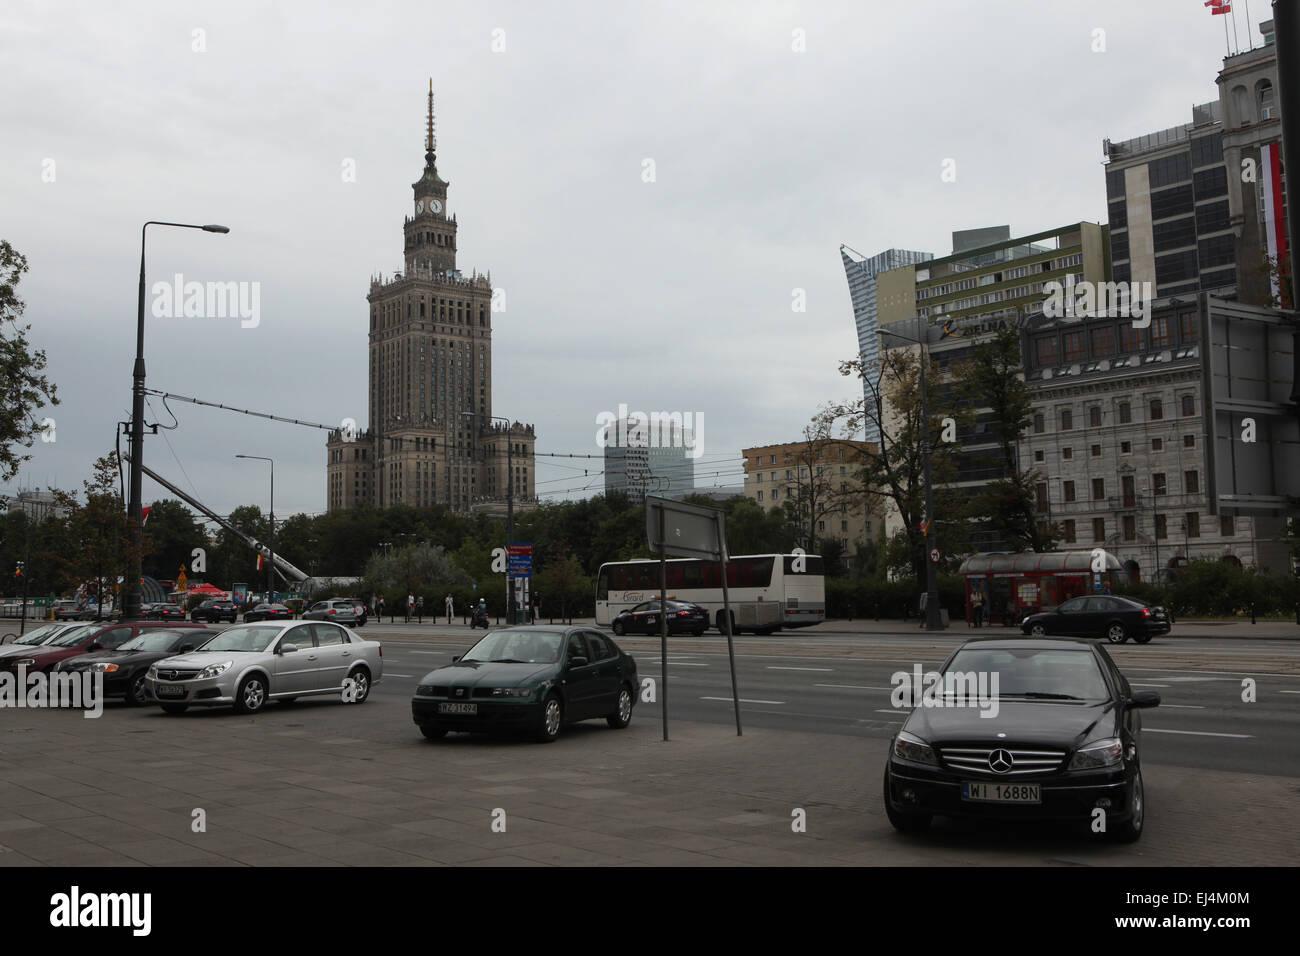 Palais de la Culture et de la science à Varsovie, Pologne. Photo Stock